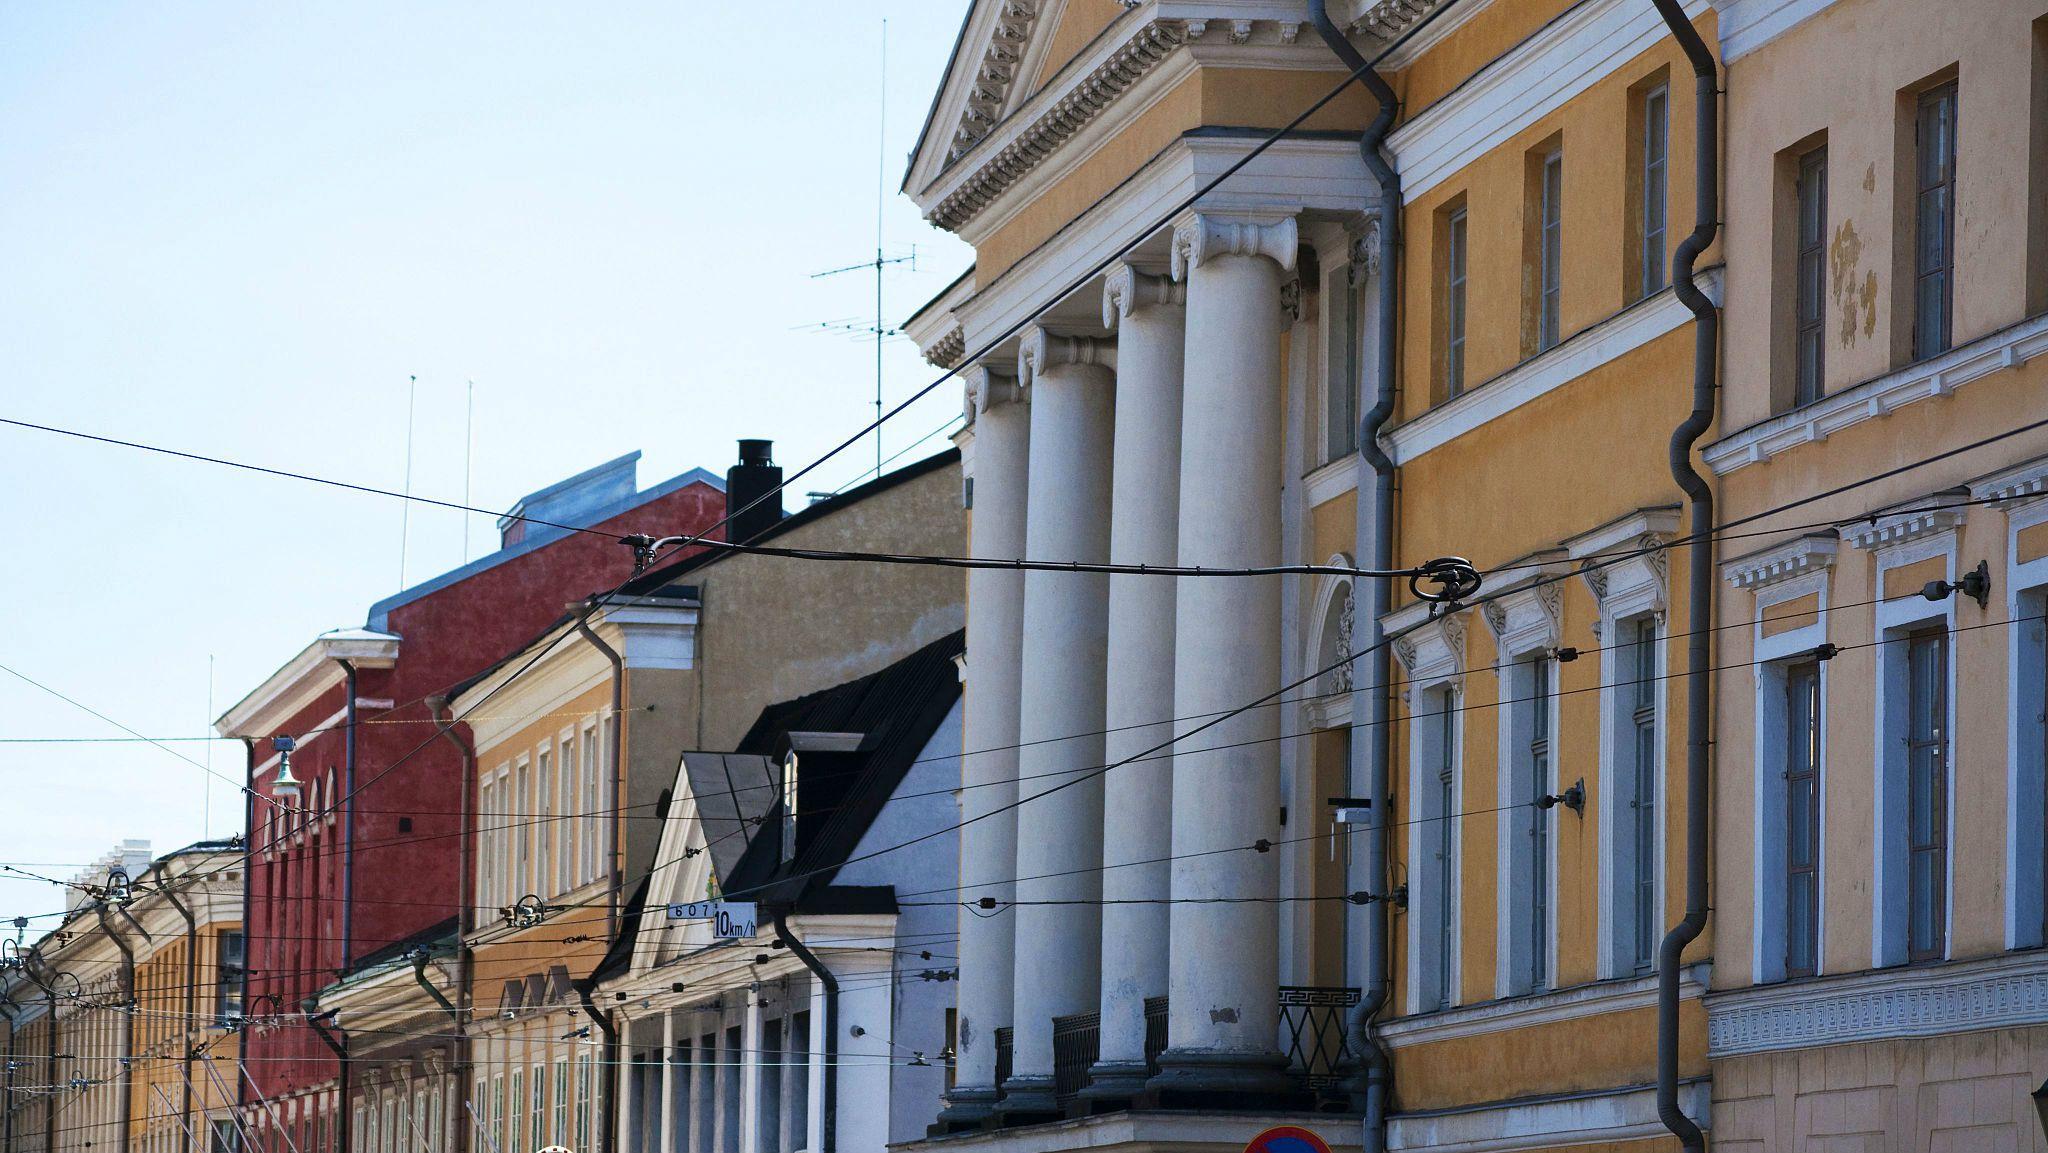 Helsinking